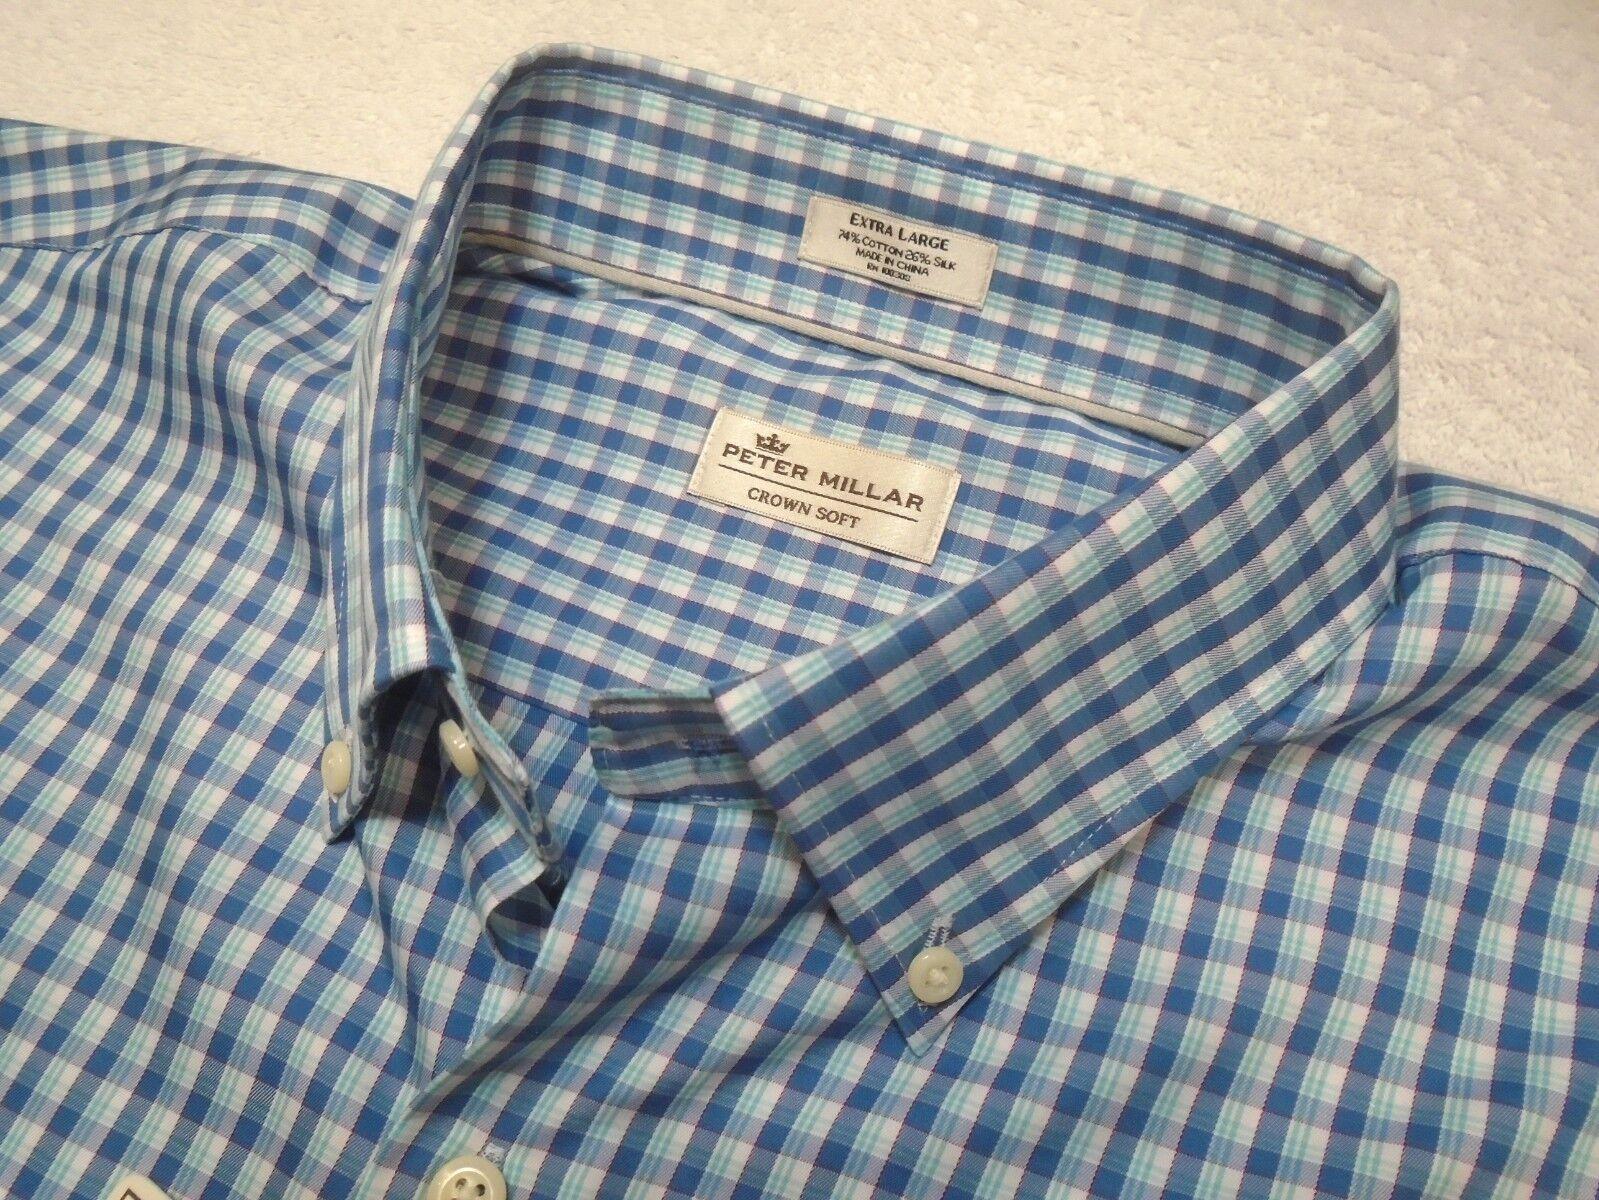 Peter Millar Crown Soft Cotton & Silk Blend bluee Plaid Sport Shirt NWT XL